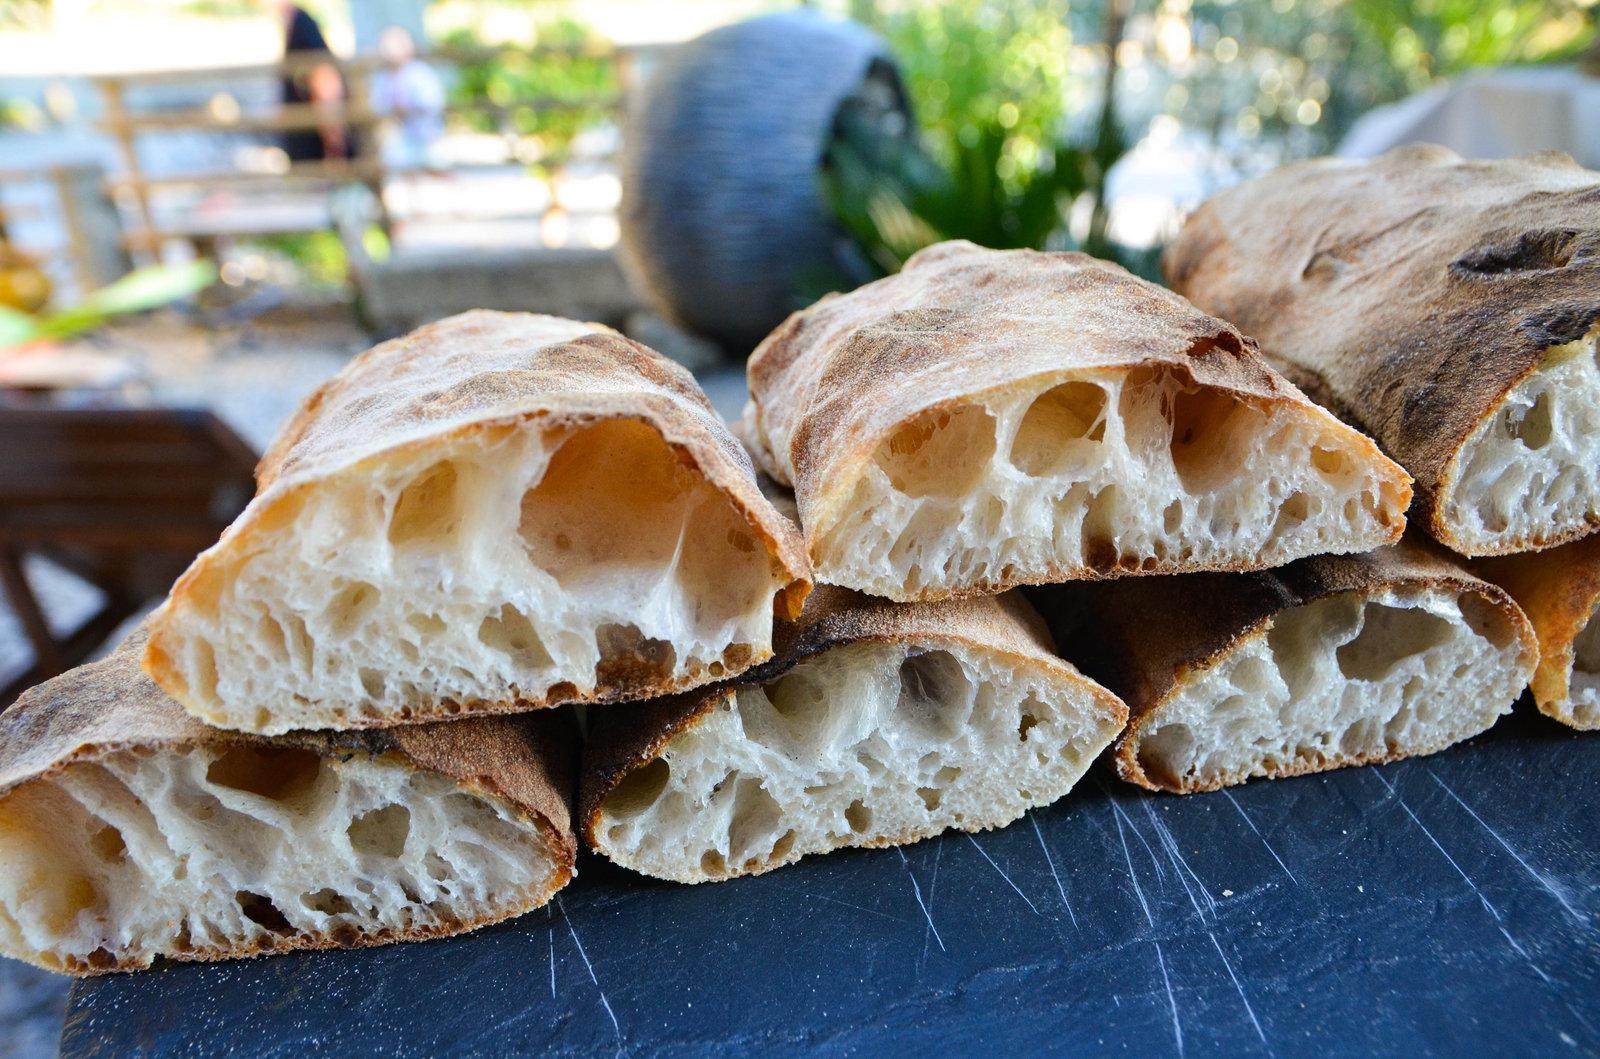 1er test pain cristal 200831100352785613